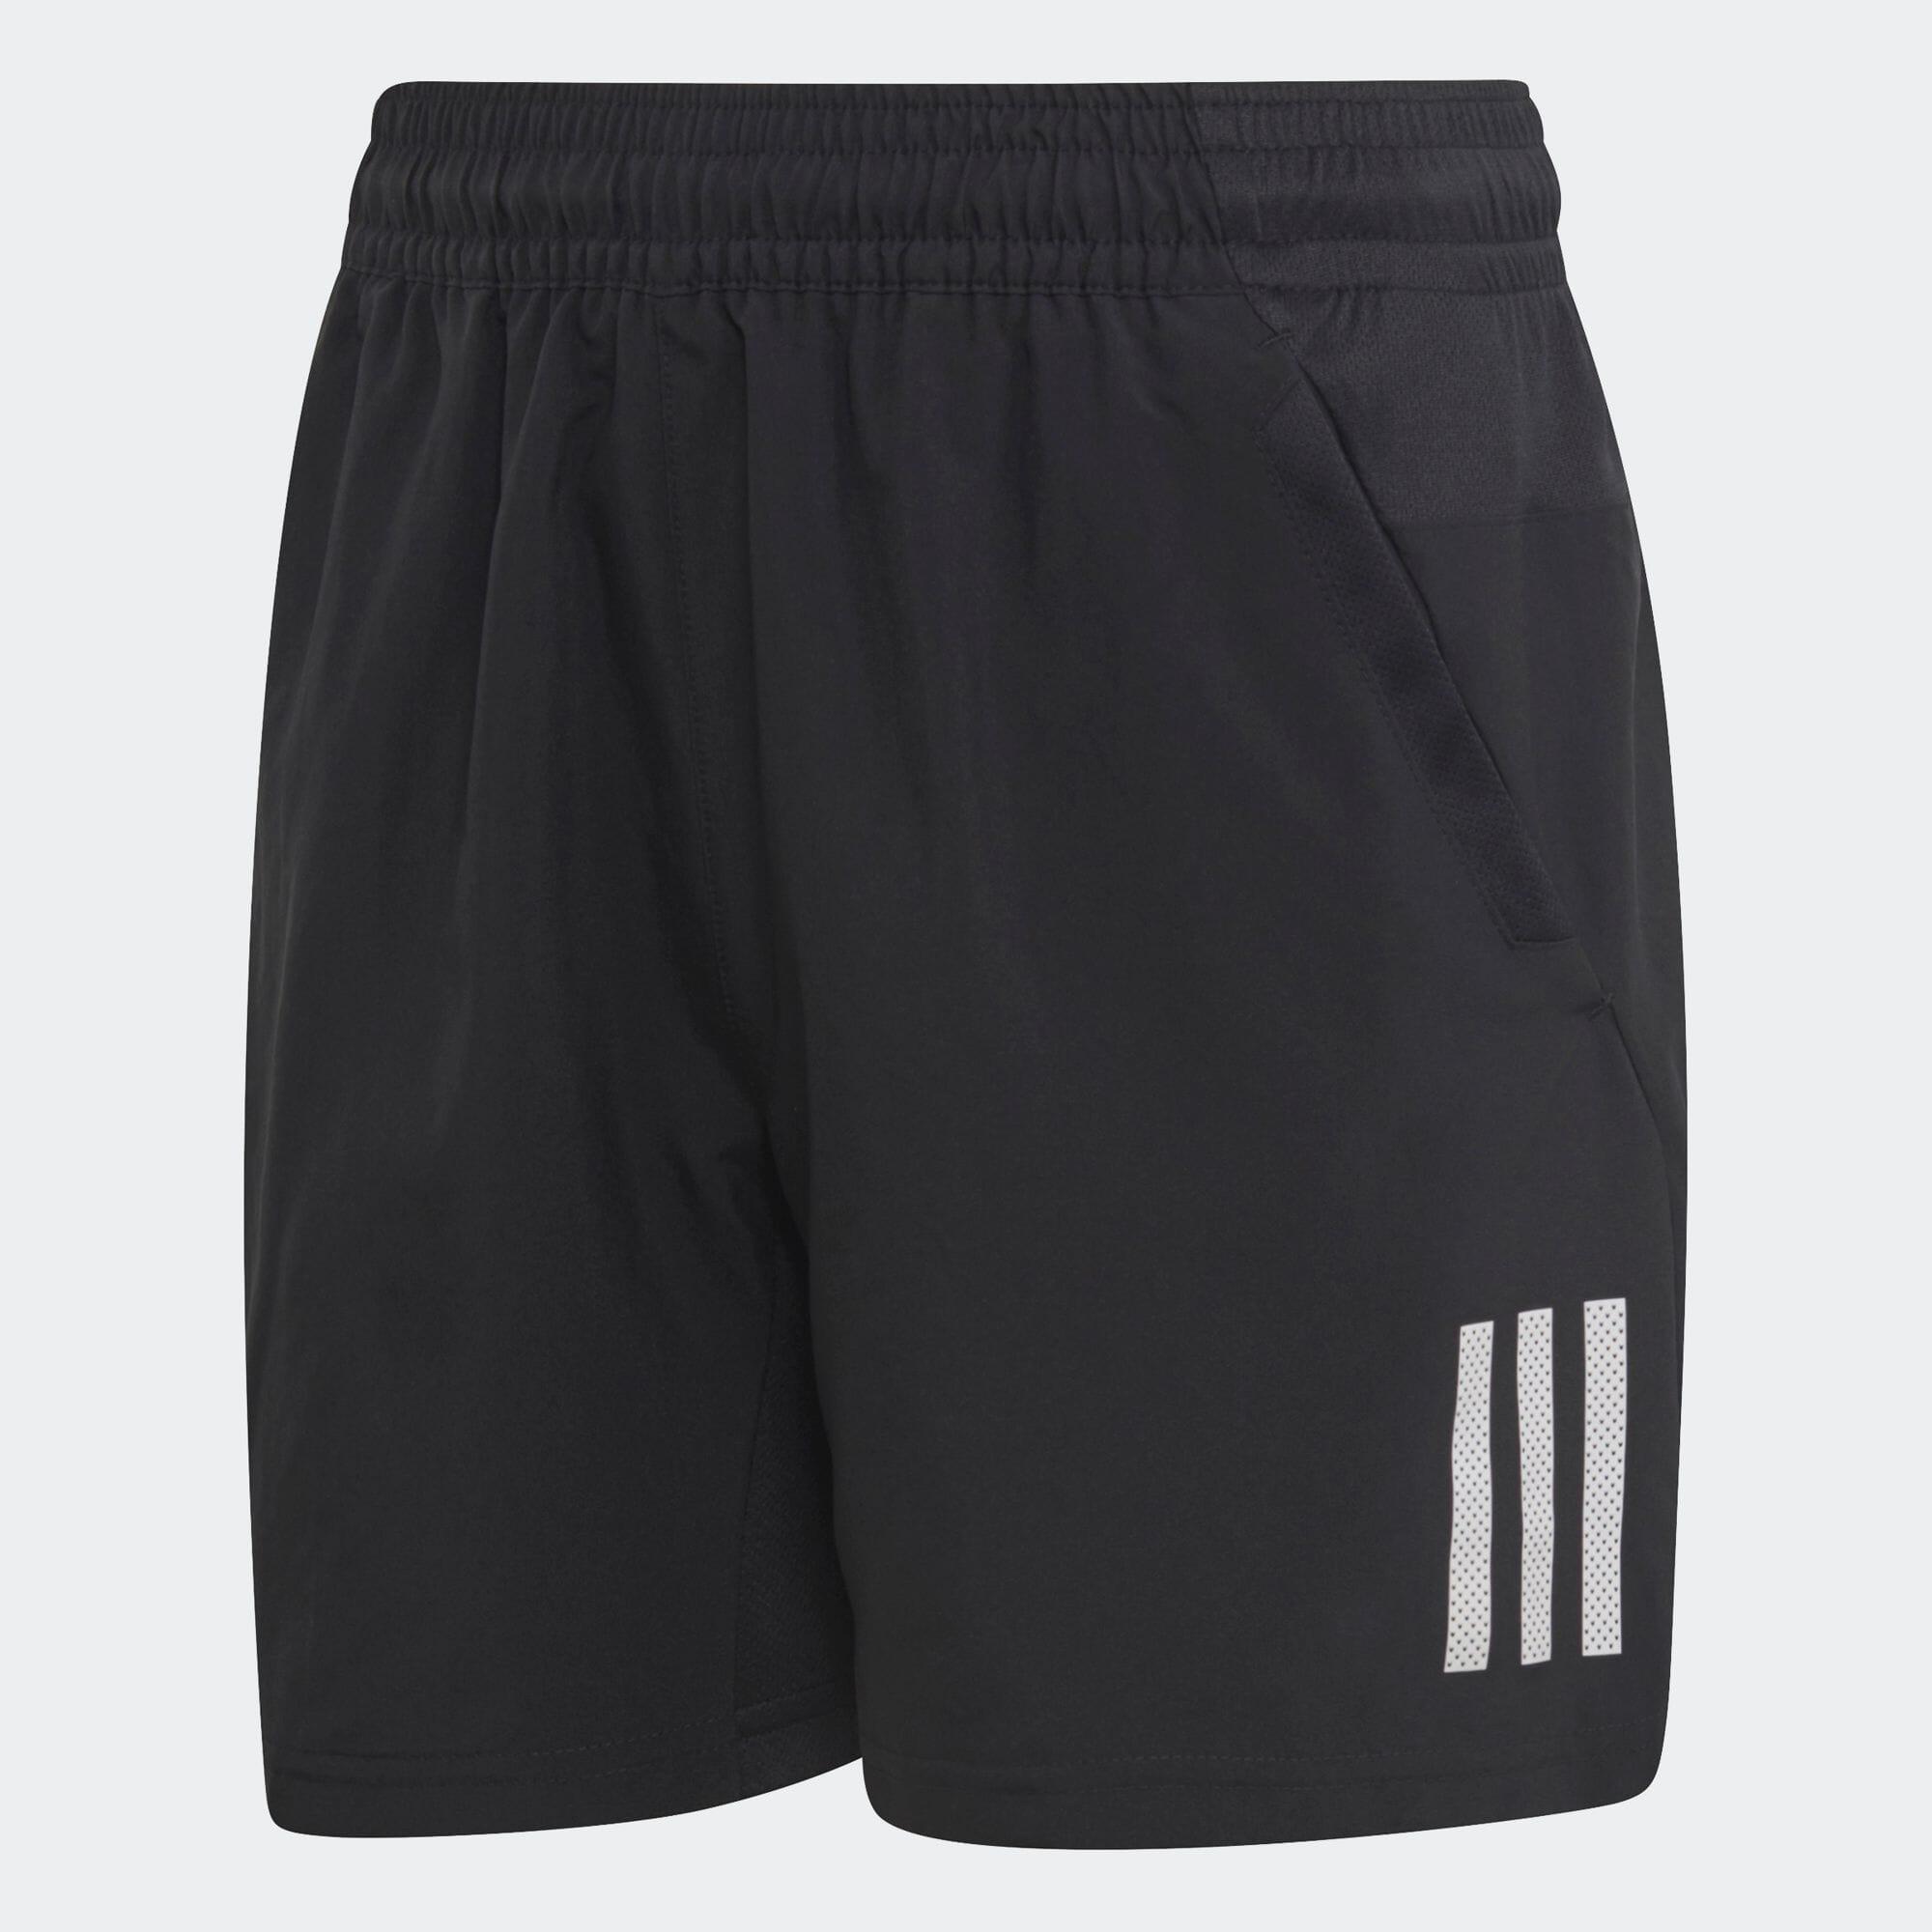 3ストライプス クラブショーツ / 3-Stripes Club Shorts